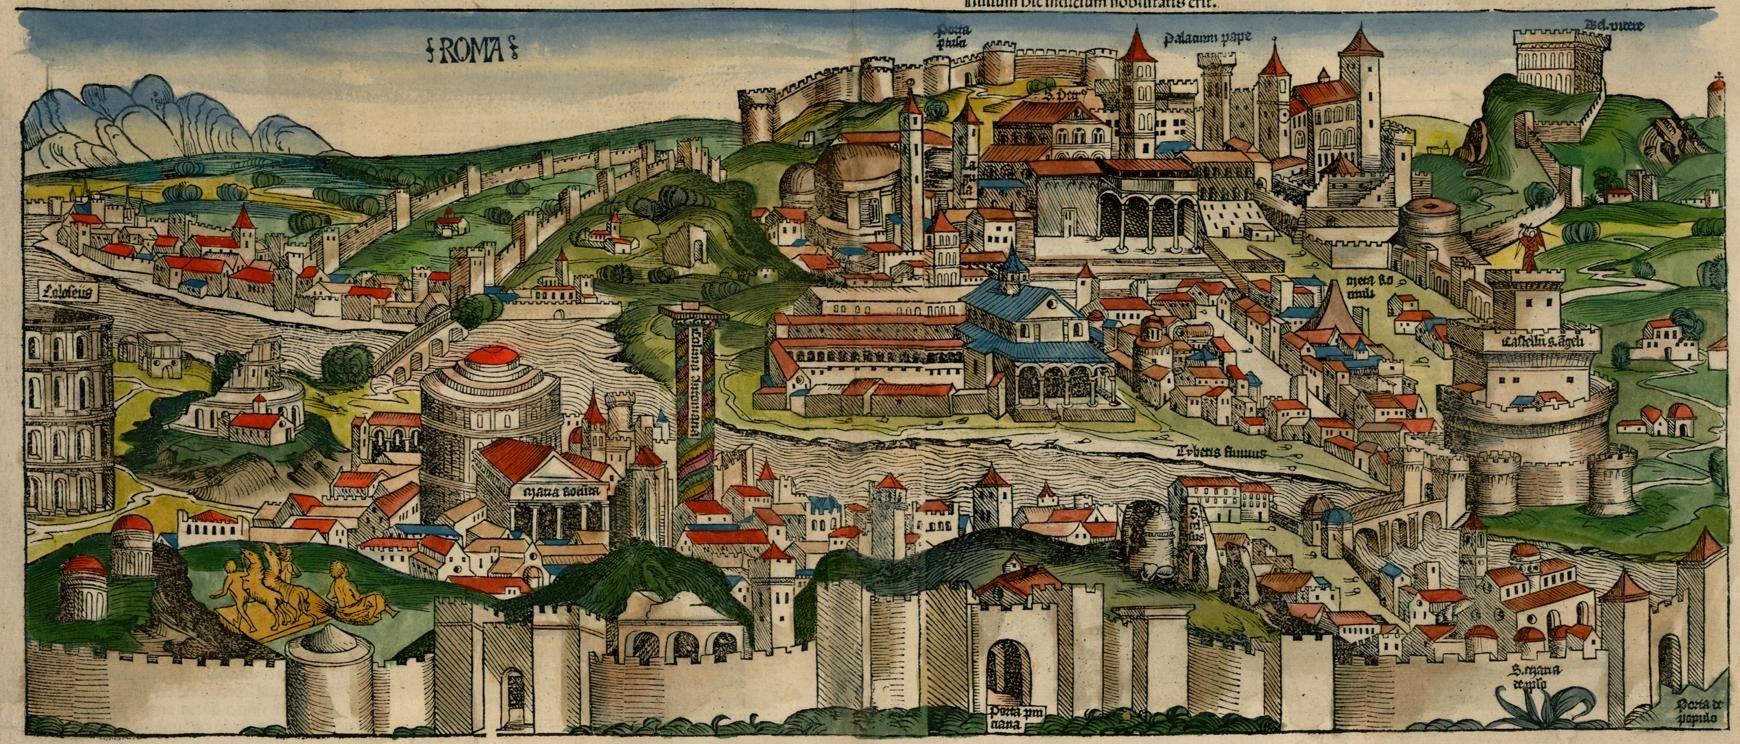 1493_map_schedel_colori.jpg